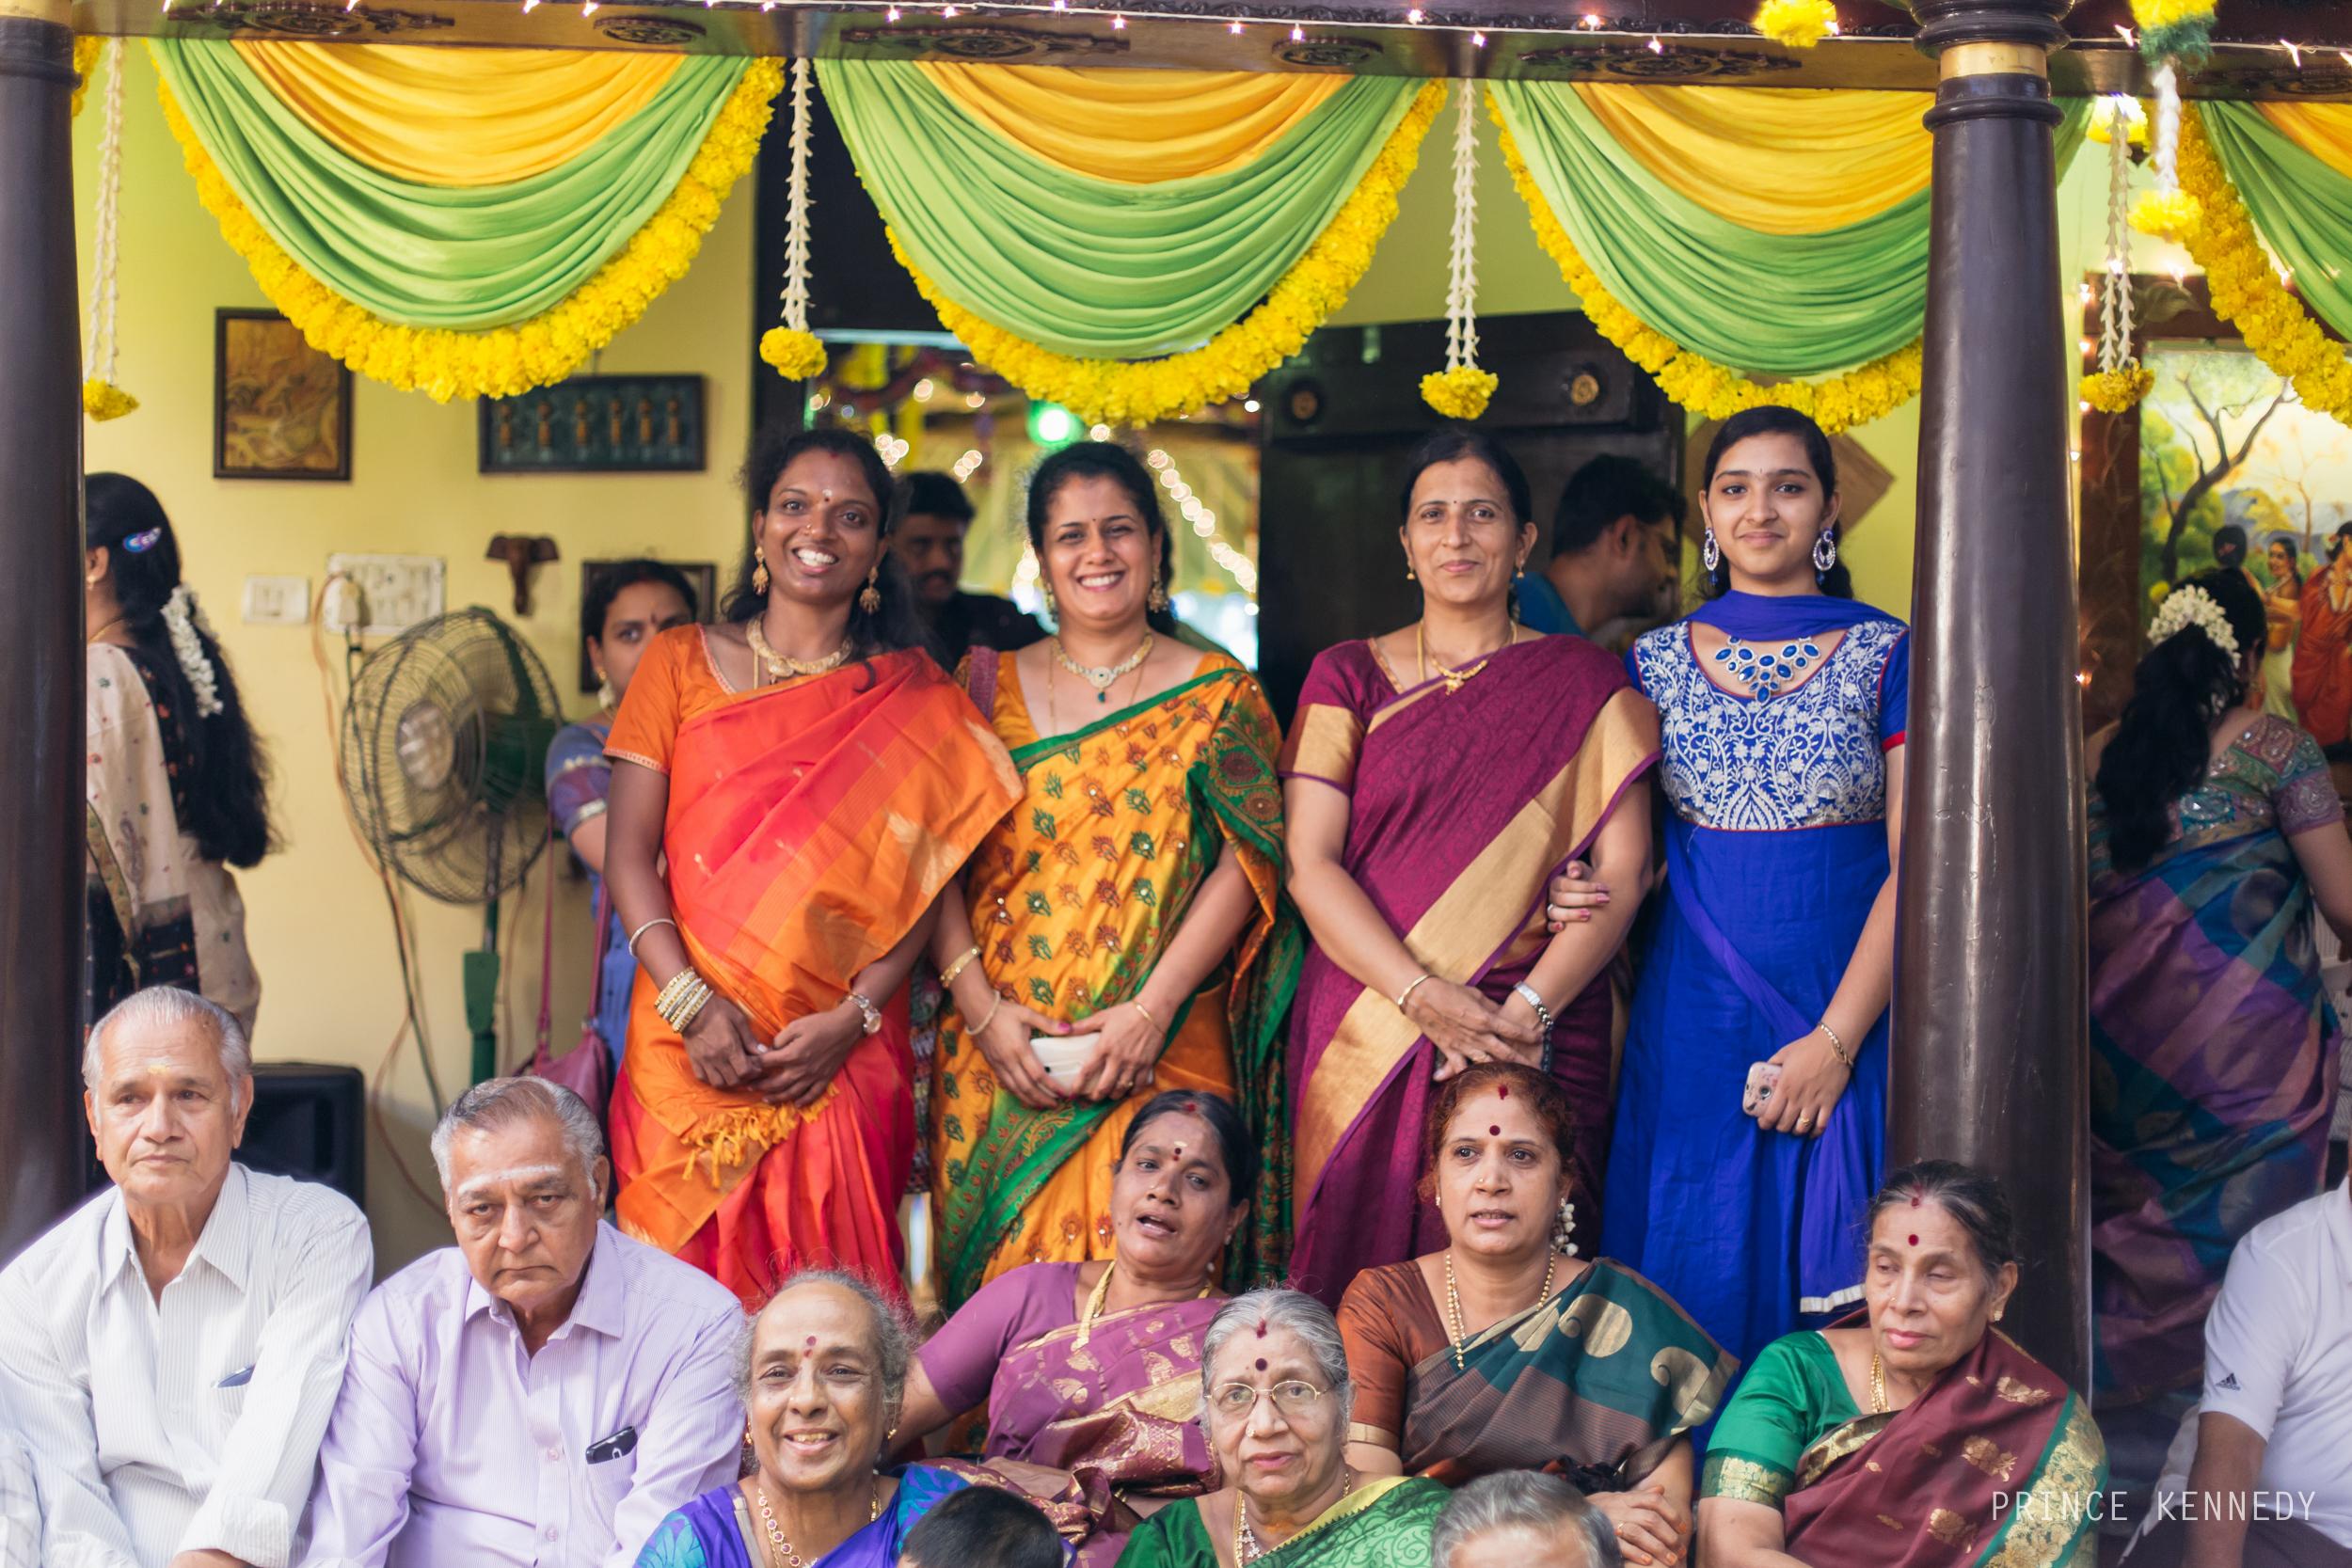 Engagement-Couple-Portrait-Portraiture-Wedding-Couple-Portrait-Chennai-Photographer-Candid-Photography-Destination-Best-Prince-Kennedy-Photography-141.jpg